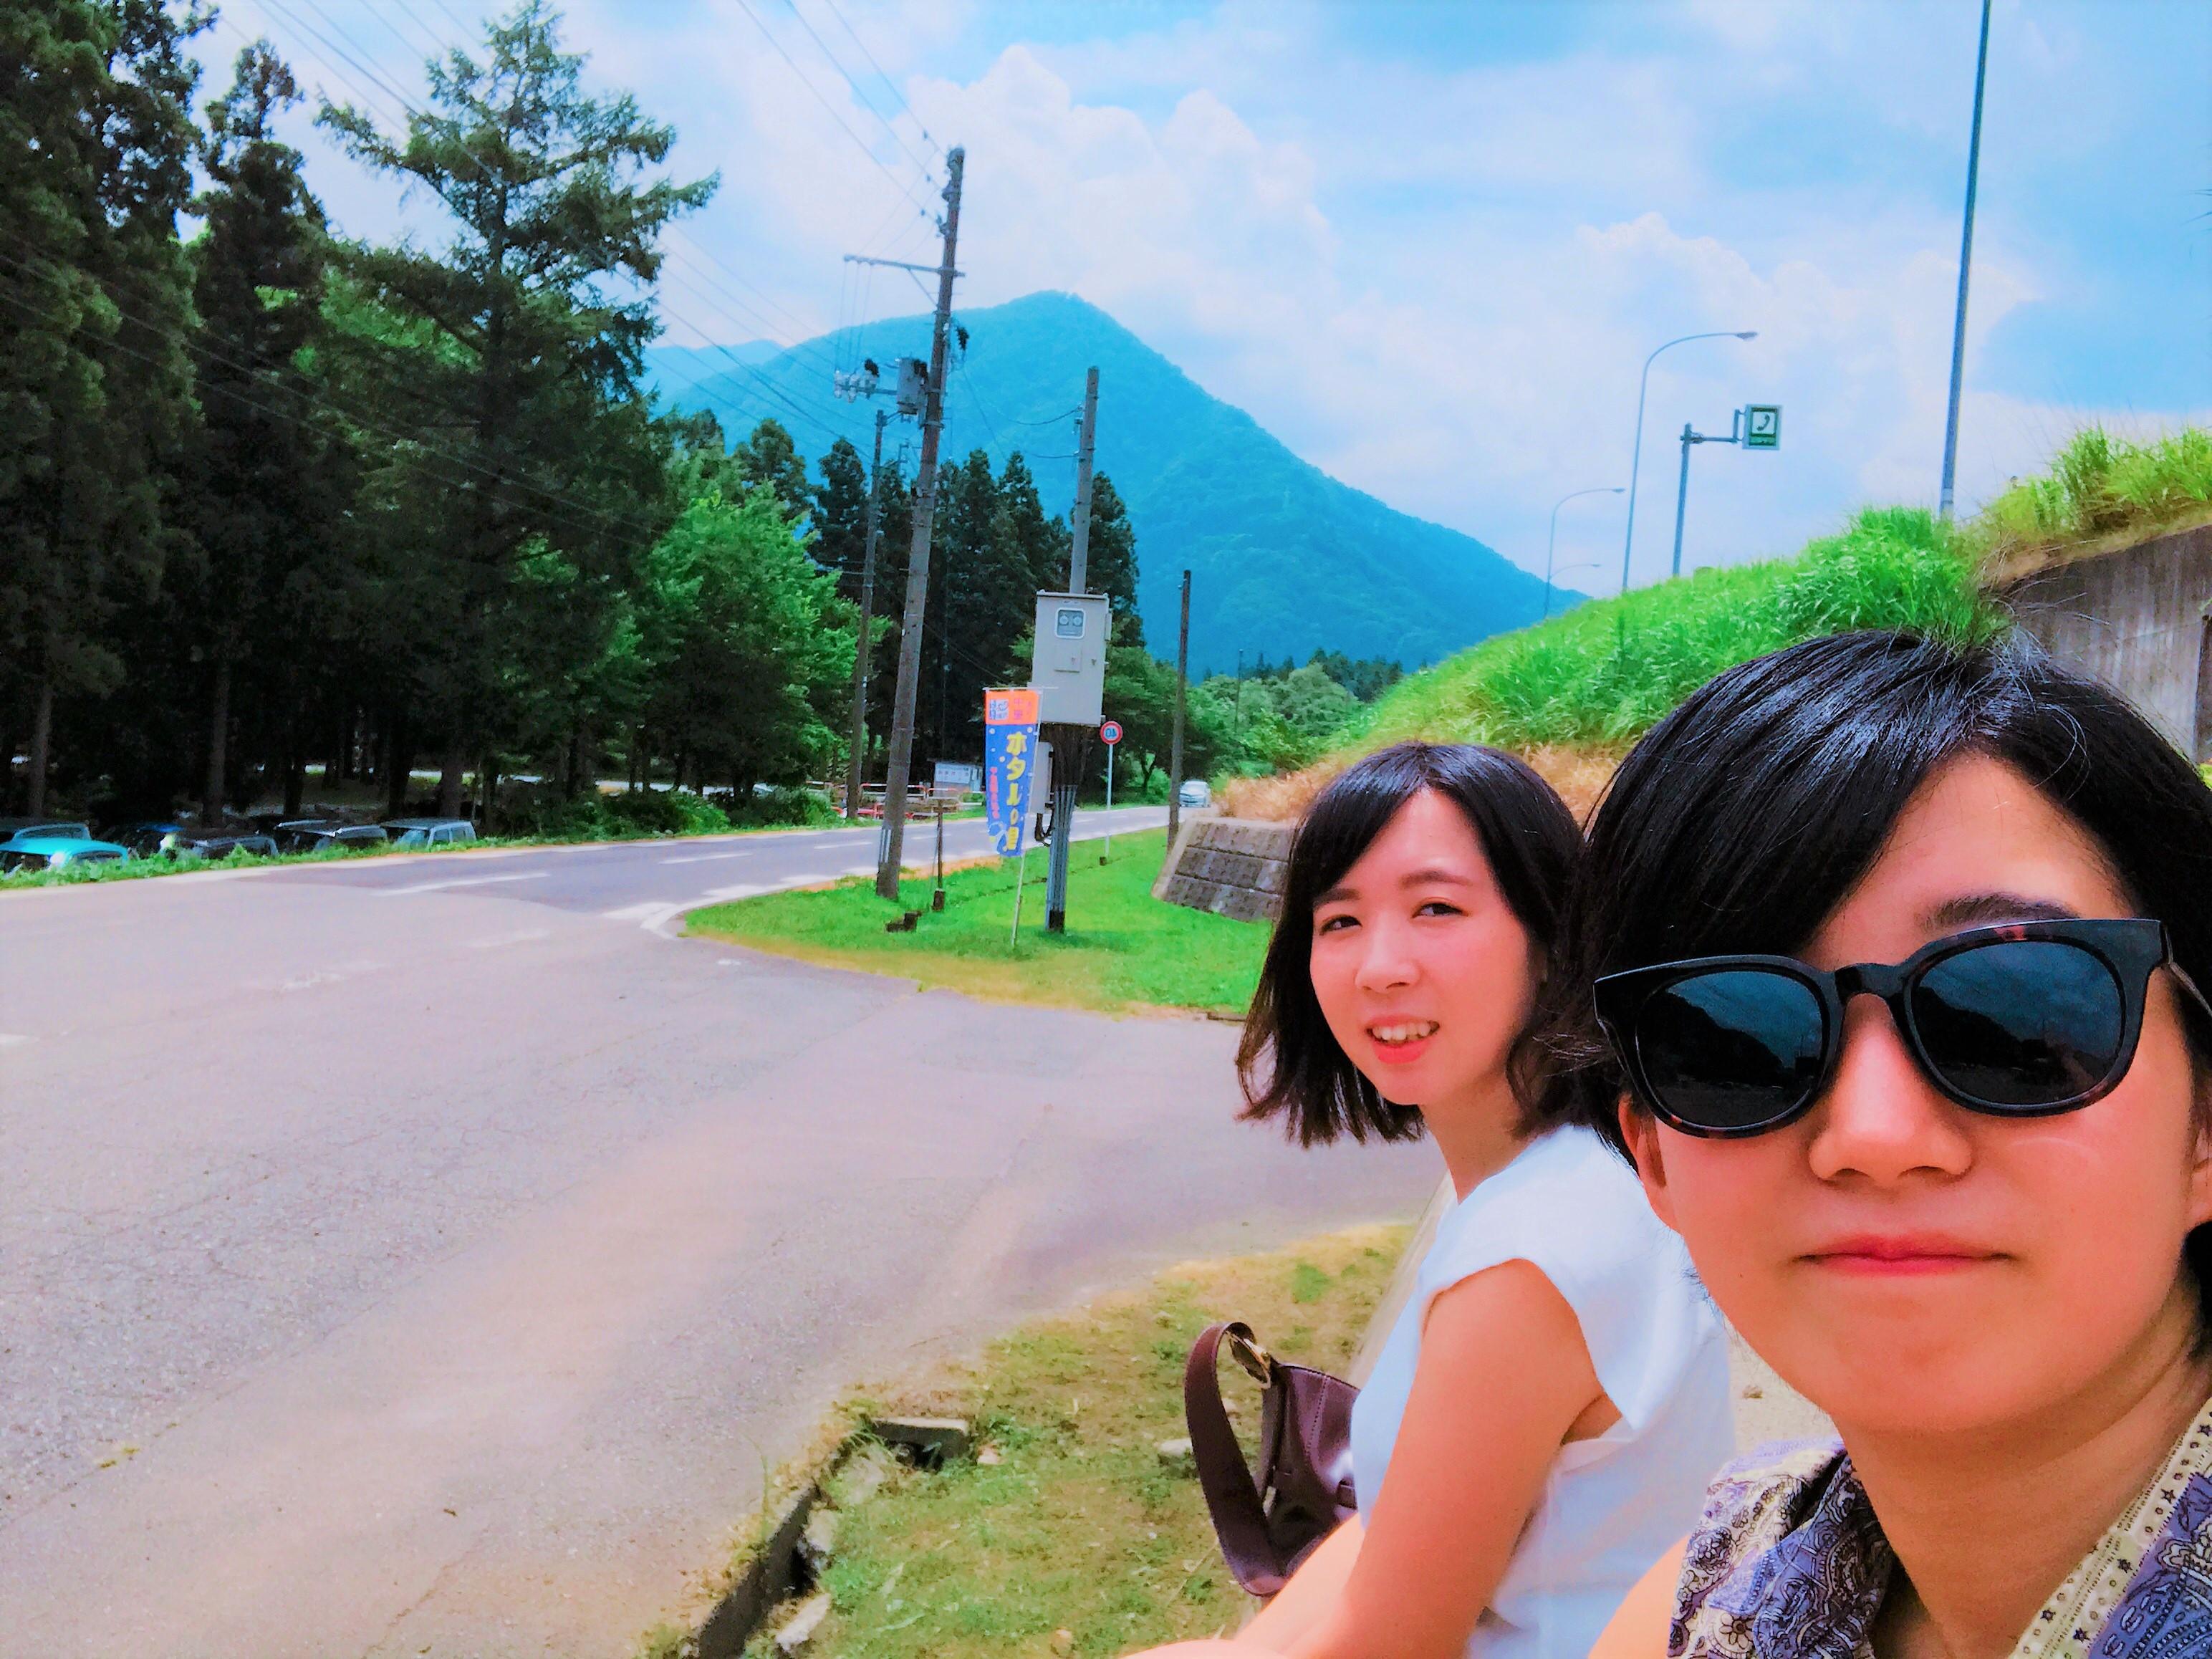 (新潟県/越後湯沢)仕事も丁寧に教えてもらい良い経験が出来たリゾートバイト